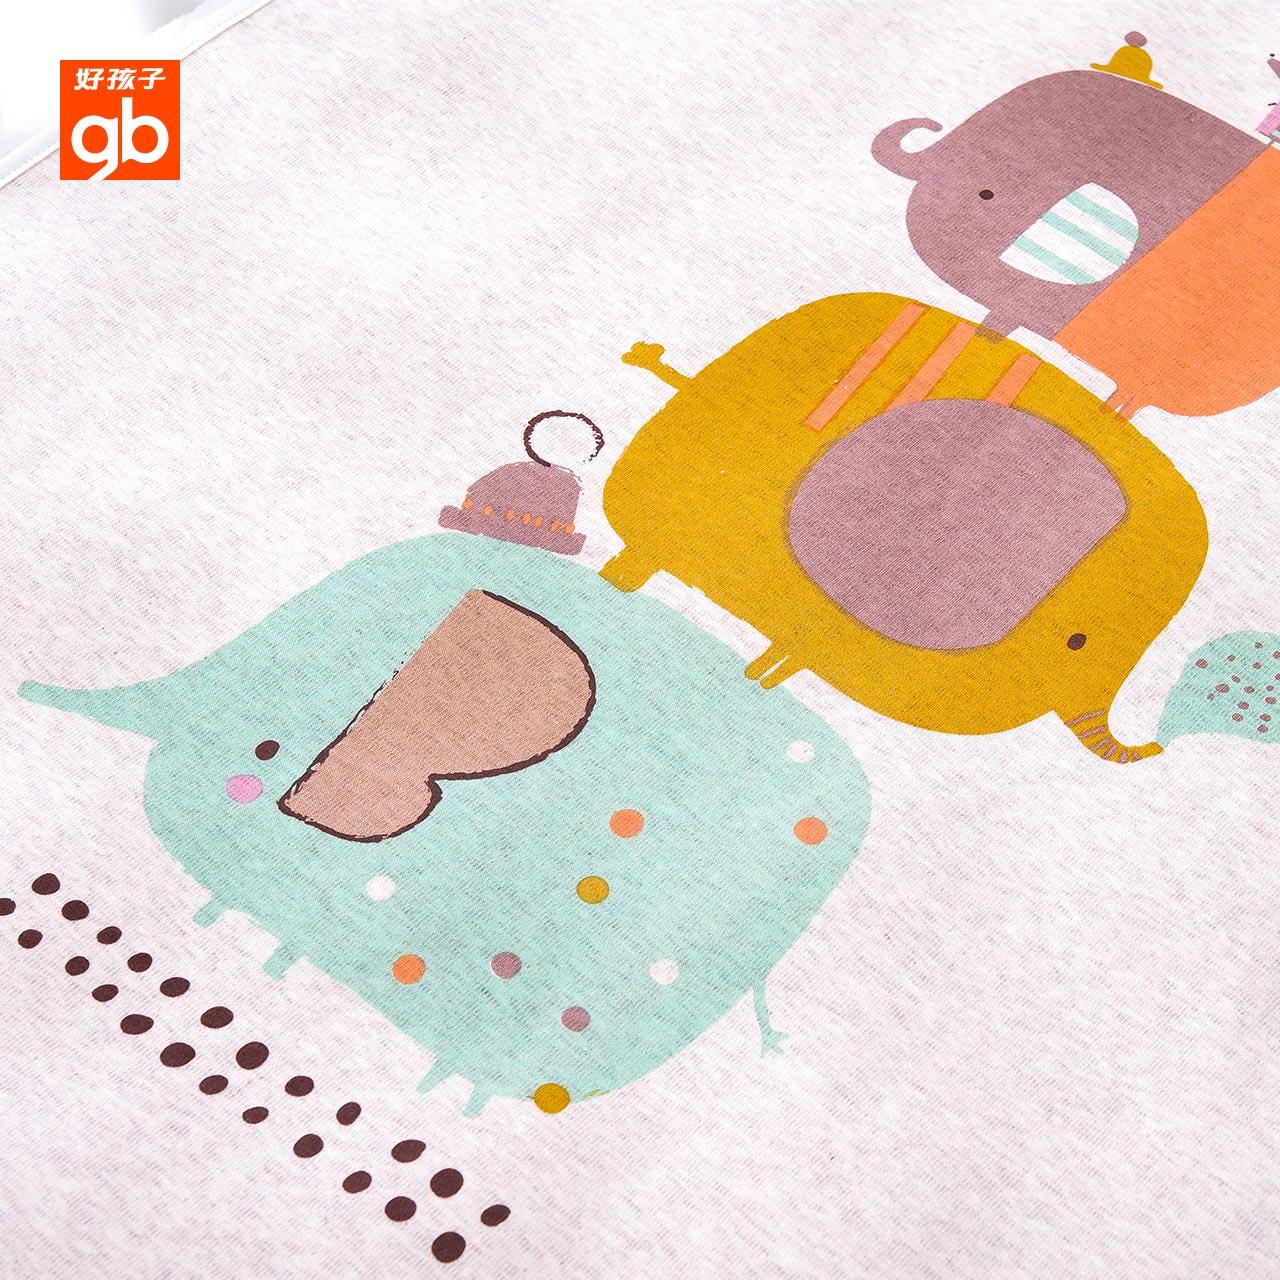 子供は新型赤ちゃんがおしっこに小便をしてから、赤ちゃんの小便をして、赤ちゃんの小便をします。